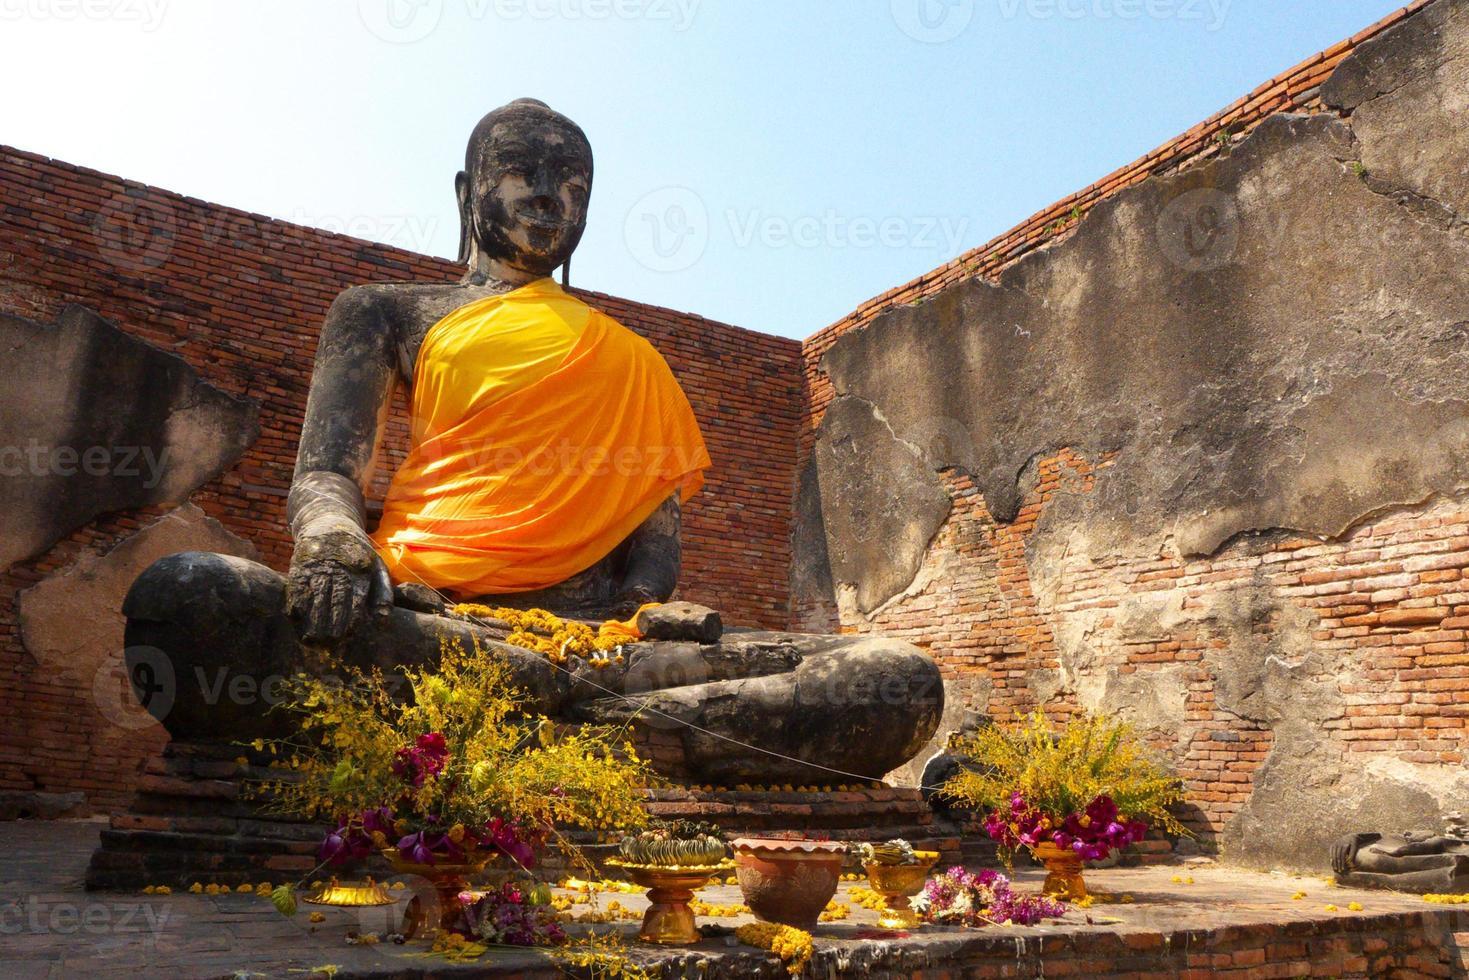 Statue von Buddha in Ayuddhaya Thailand foto